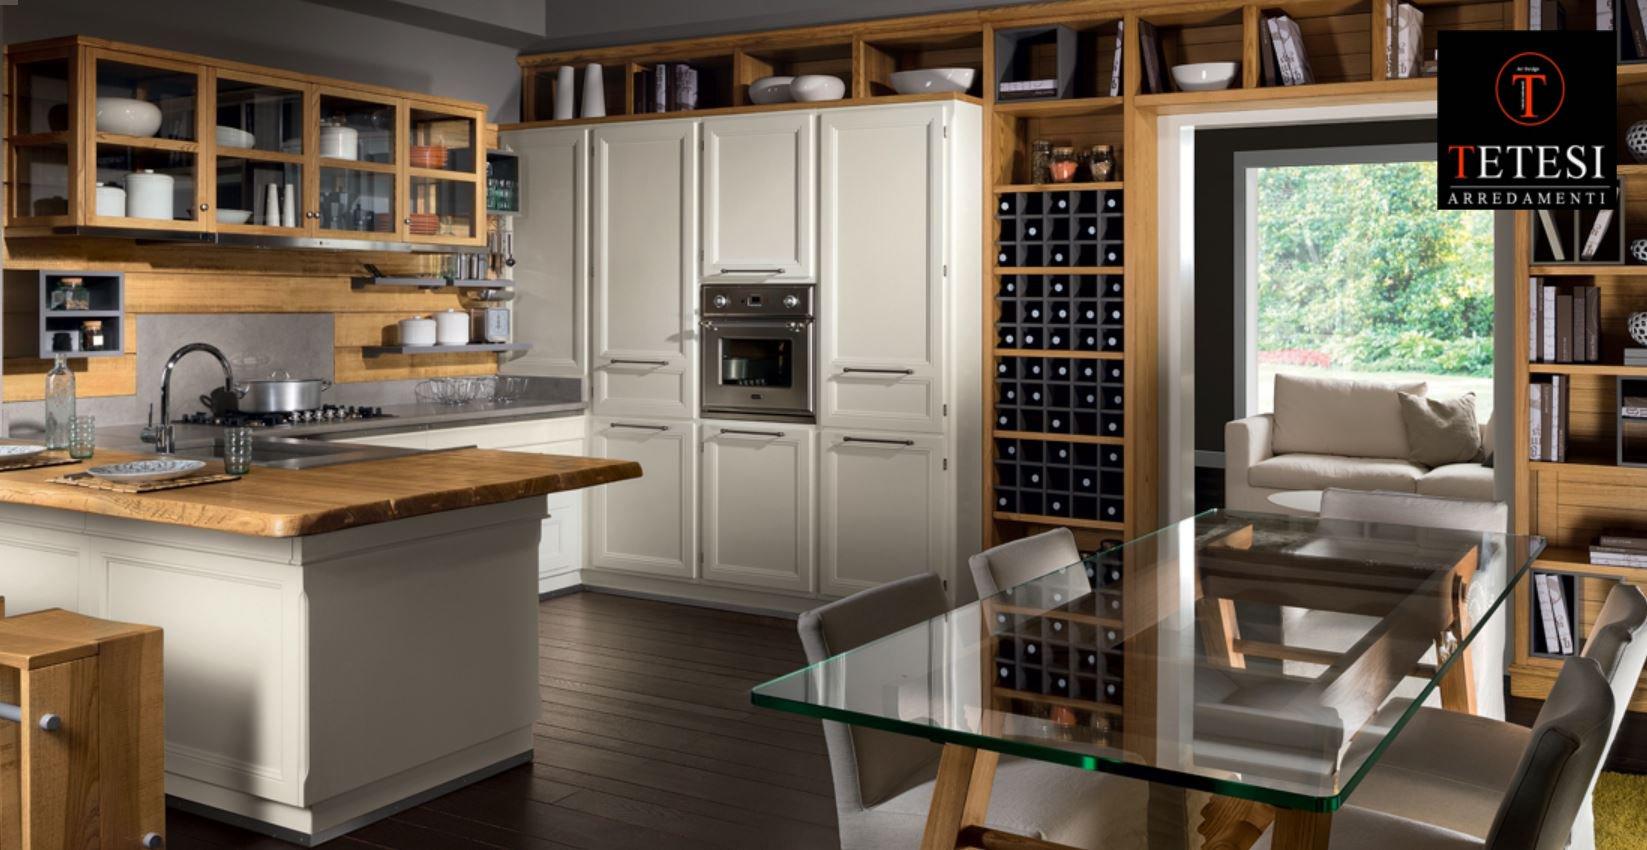 Tetesi arredamenti art design centro cucine l 39 ottocento stosa cesar arrex miton centro sistemi - Mobili stile contemporaneo moderno ...